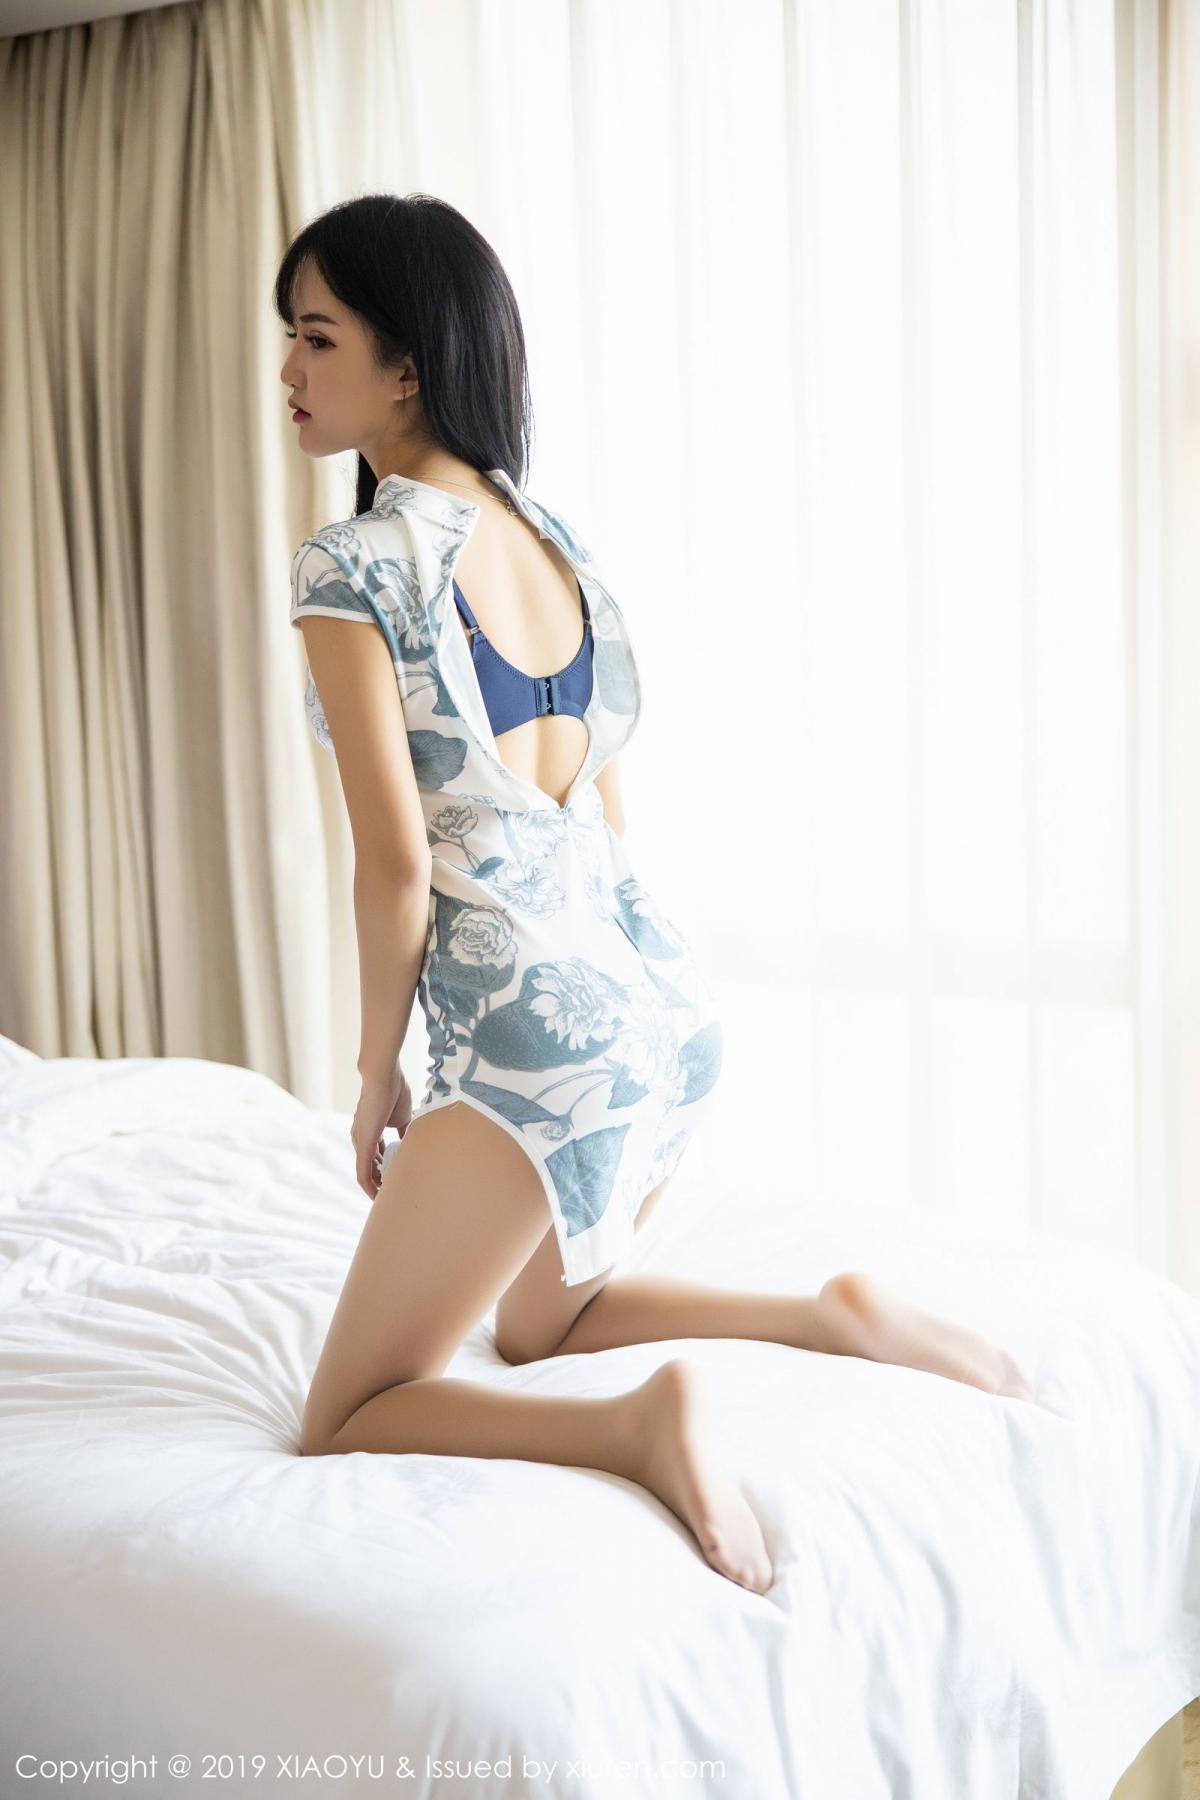 [XiaoYu] Vol.200 Miko Jiang 79P, Miko Jiang, Slim, Tall, Underwear, XiaoYu